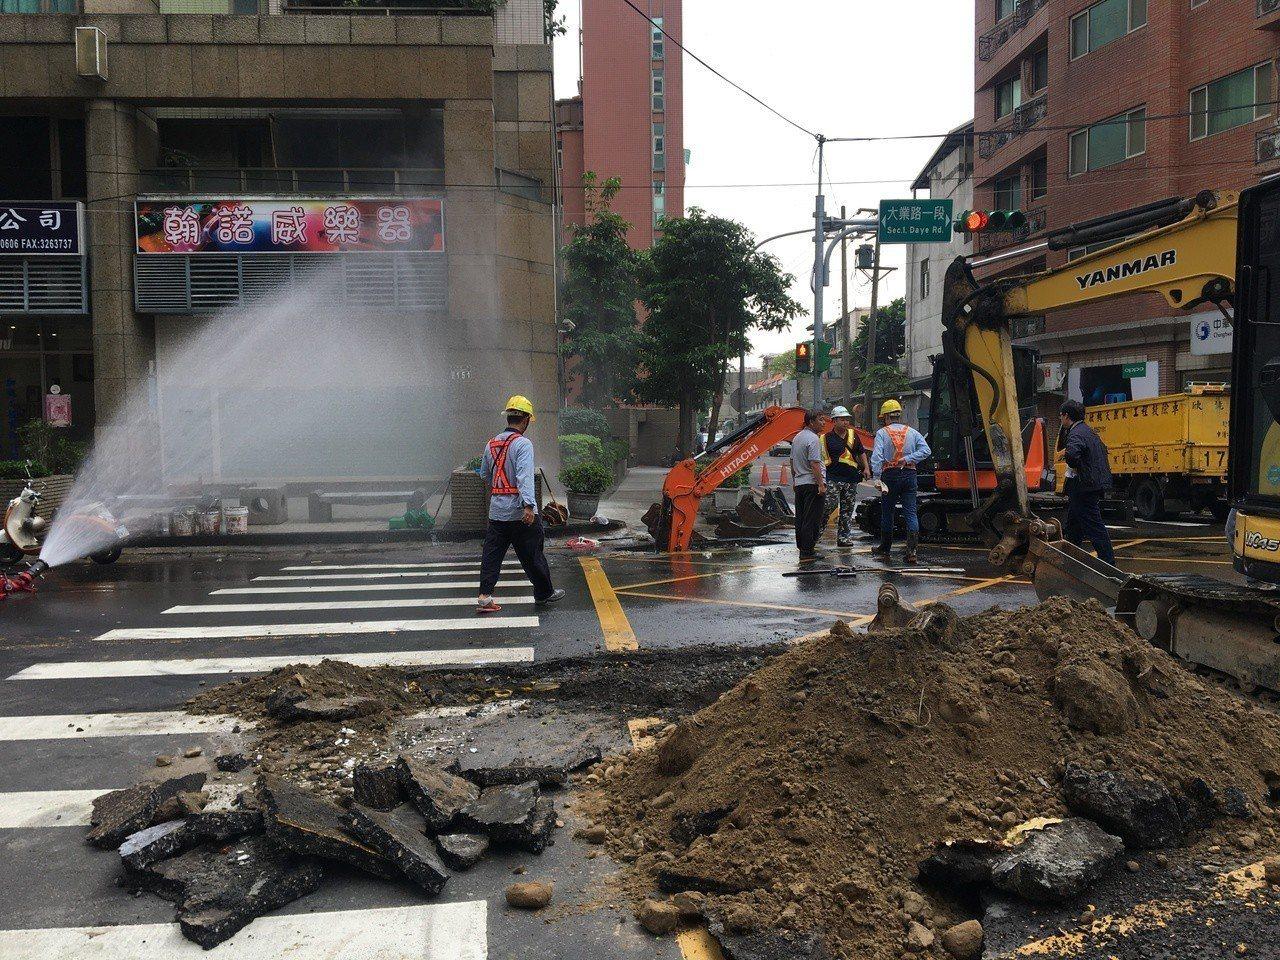 桃園區大業路今天又傳瓦斯管線被挖破,現場封路搶修。記者張裕珍/攝影